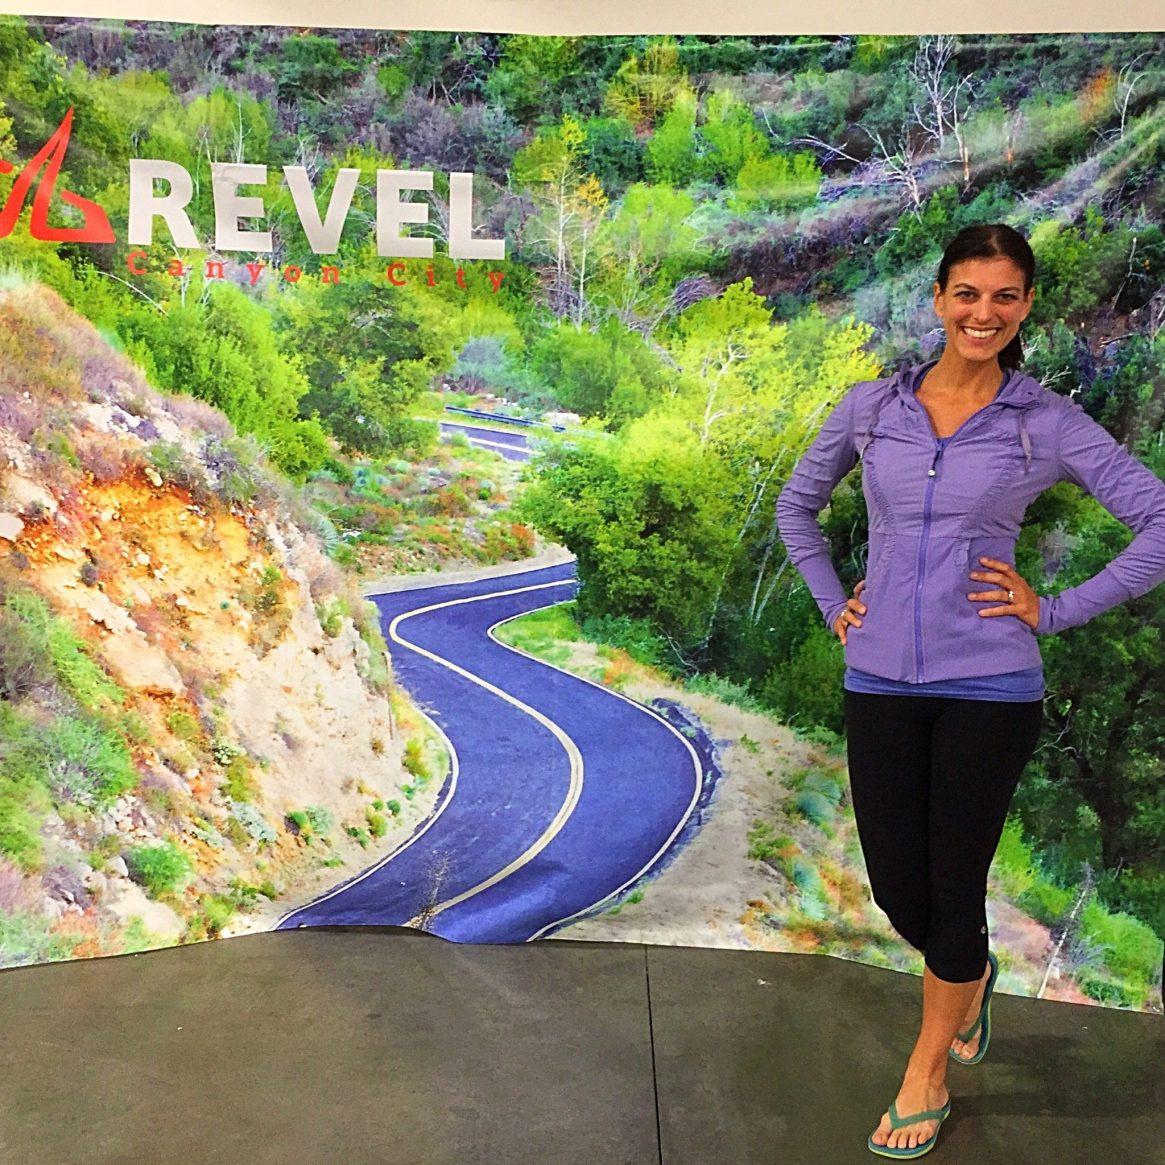 Run Revel, Revel Canyon City, Los Angeles, California, Expo, Azusa